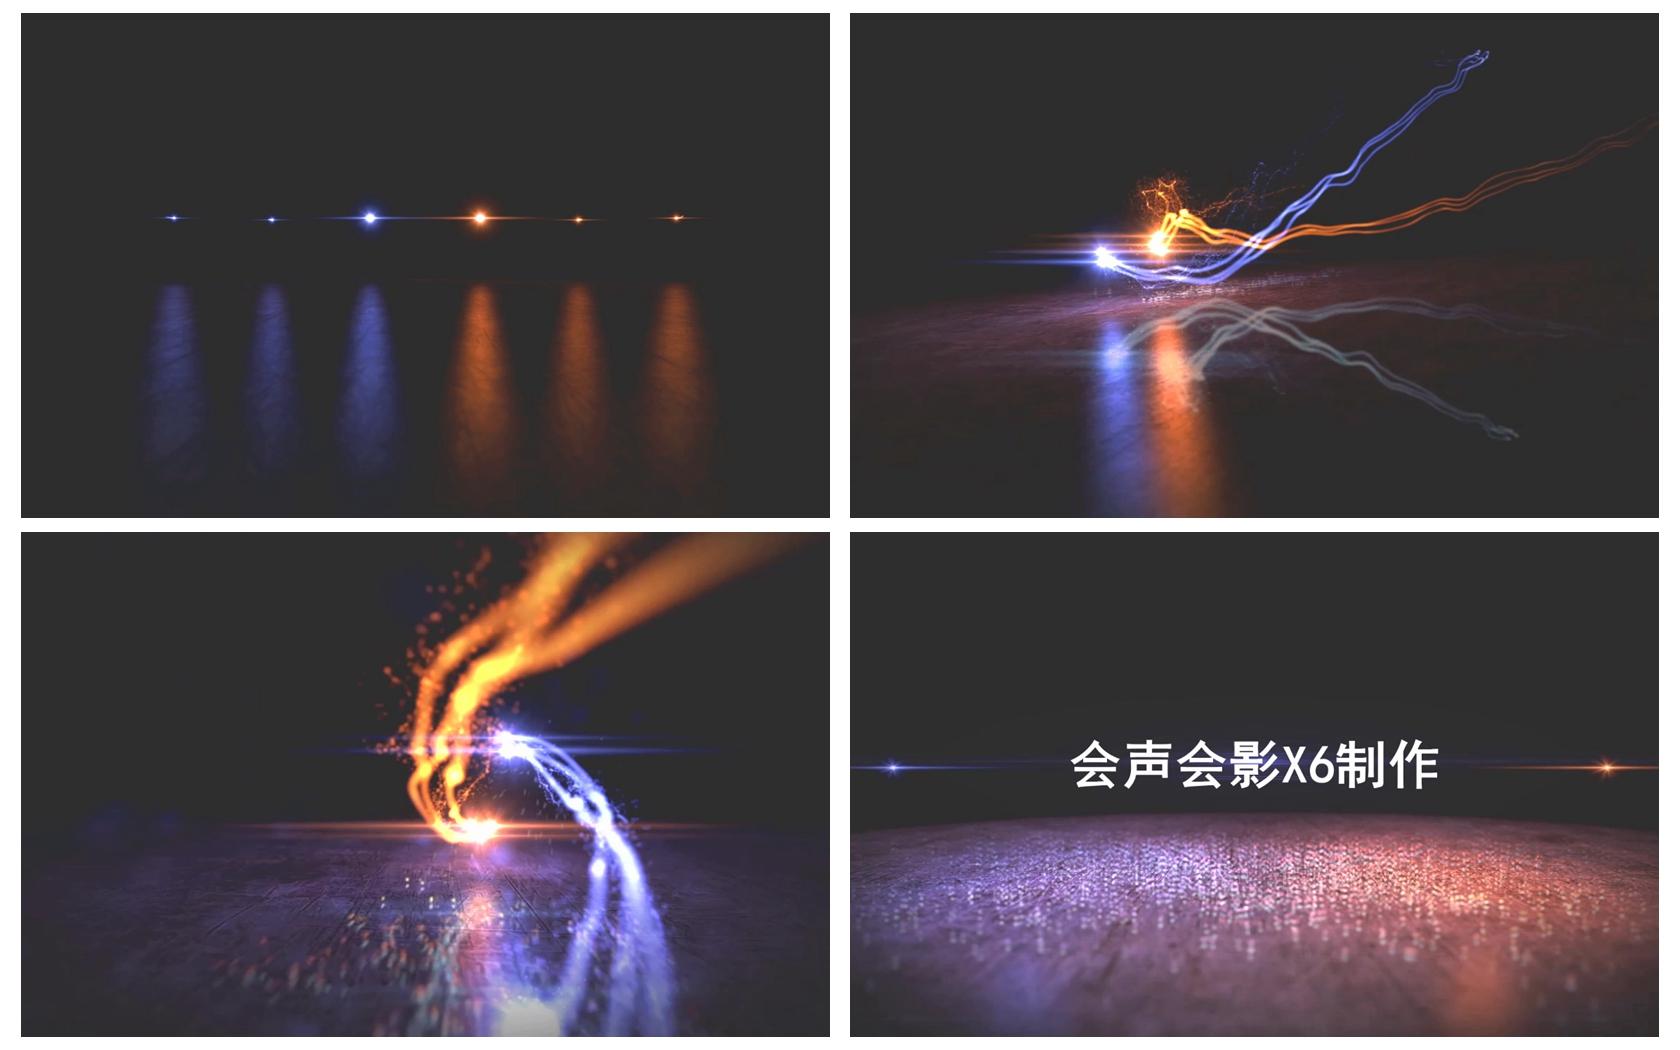 会声会影X6模板 炫酷大气光束相互运动碰撞合成电影标题片头模板